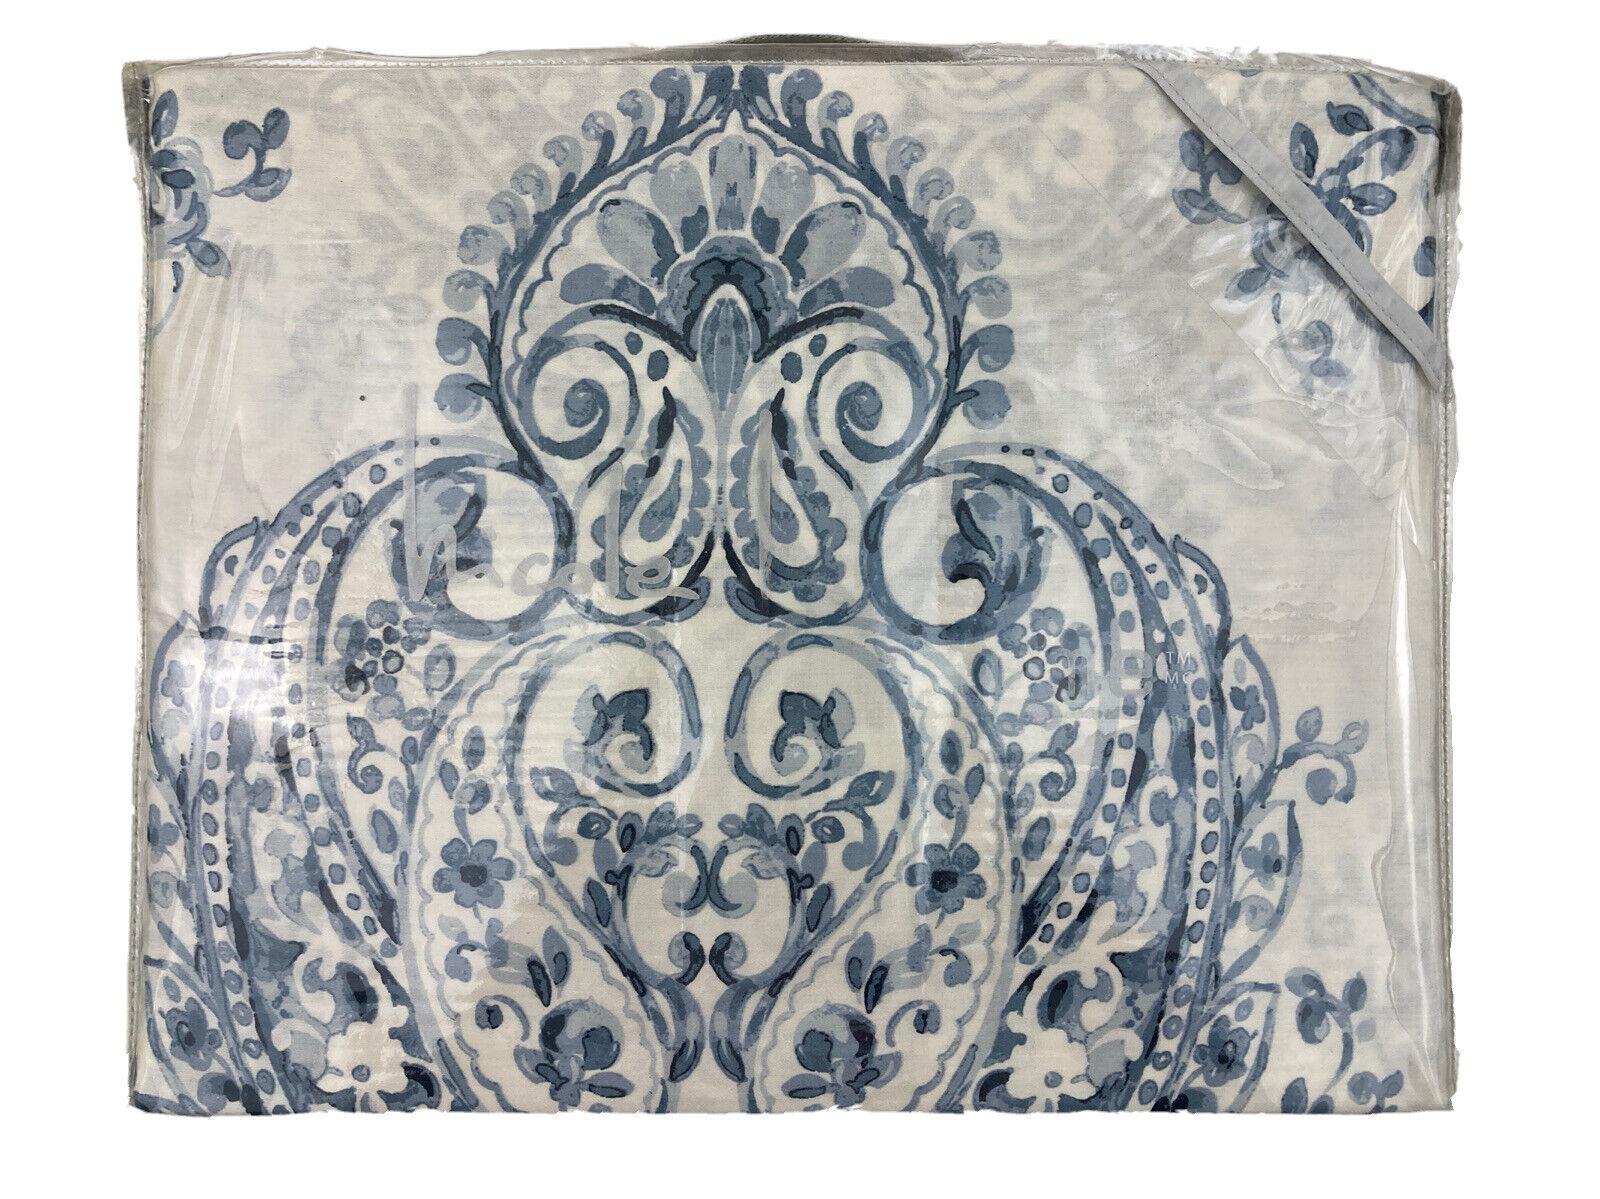 Nicole Miller Medallion Blue White Full Queen Duvet Cover 3PC Set NEW